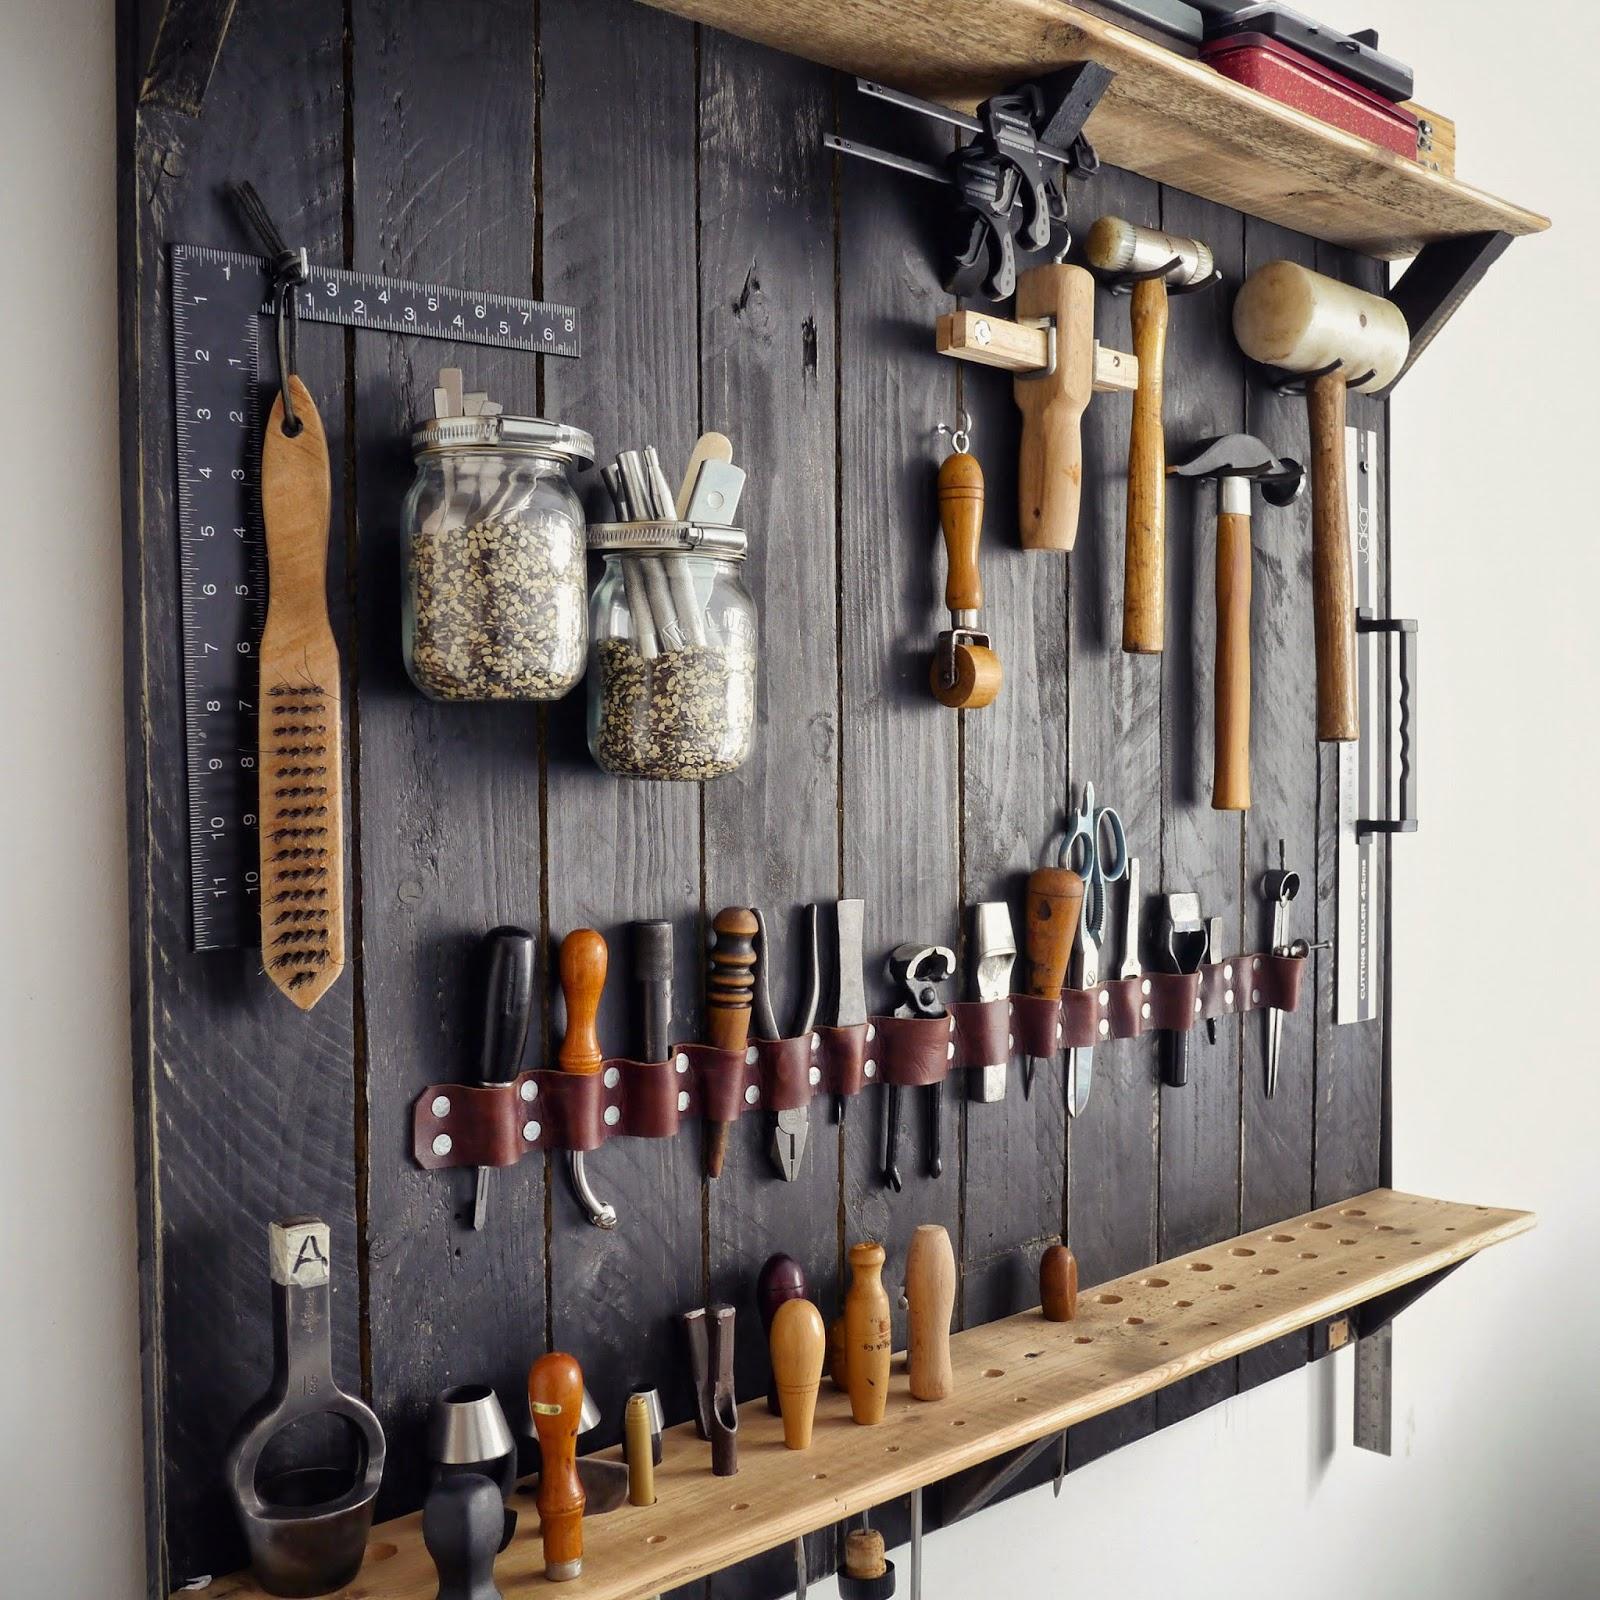 Kingsley leather how 39 s it hanging my new tool rack - Organizador de herramientas ...